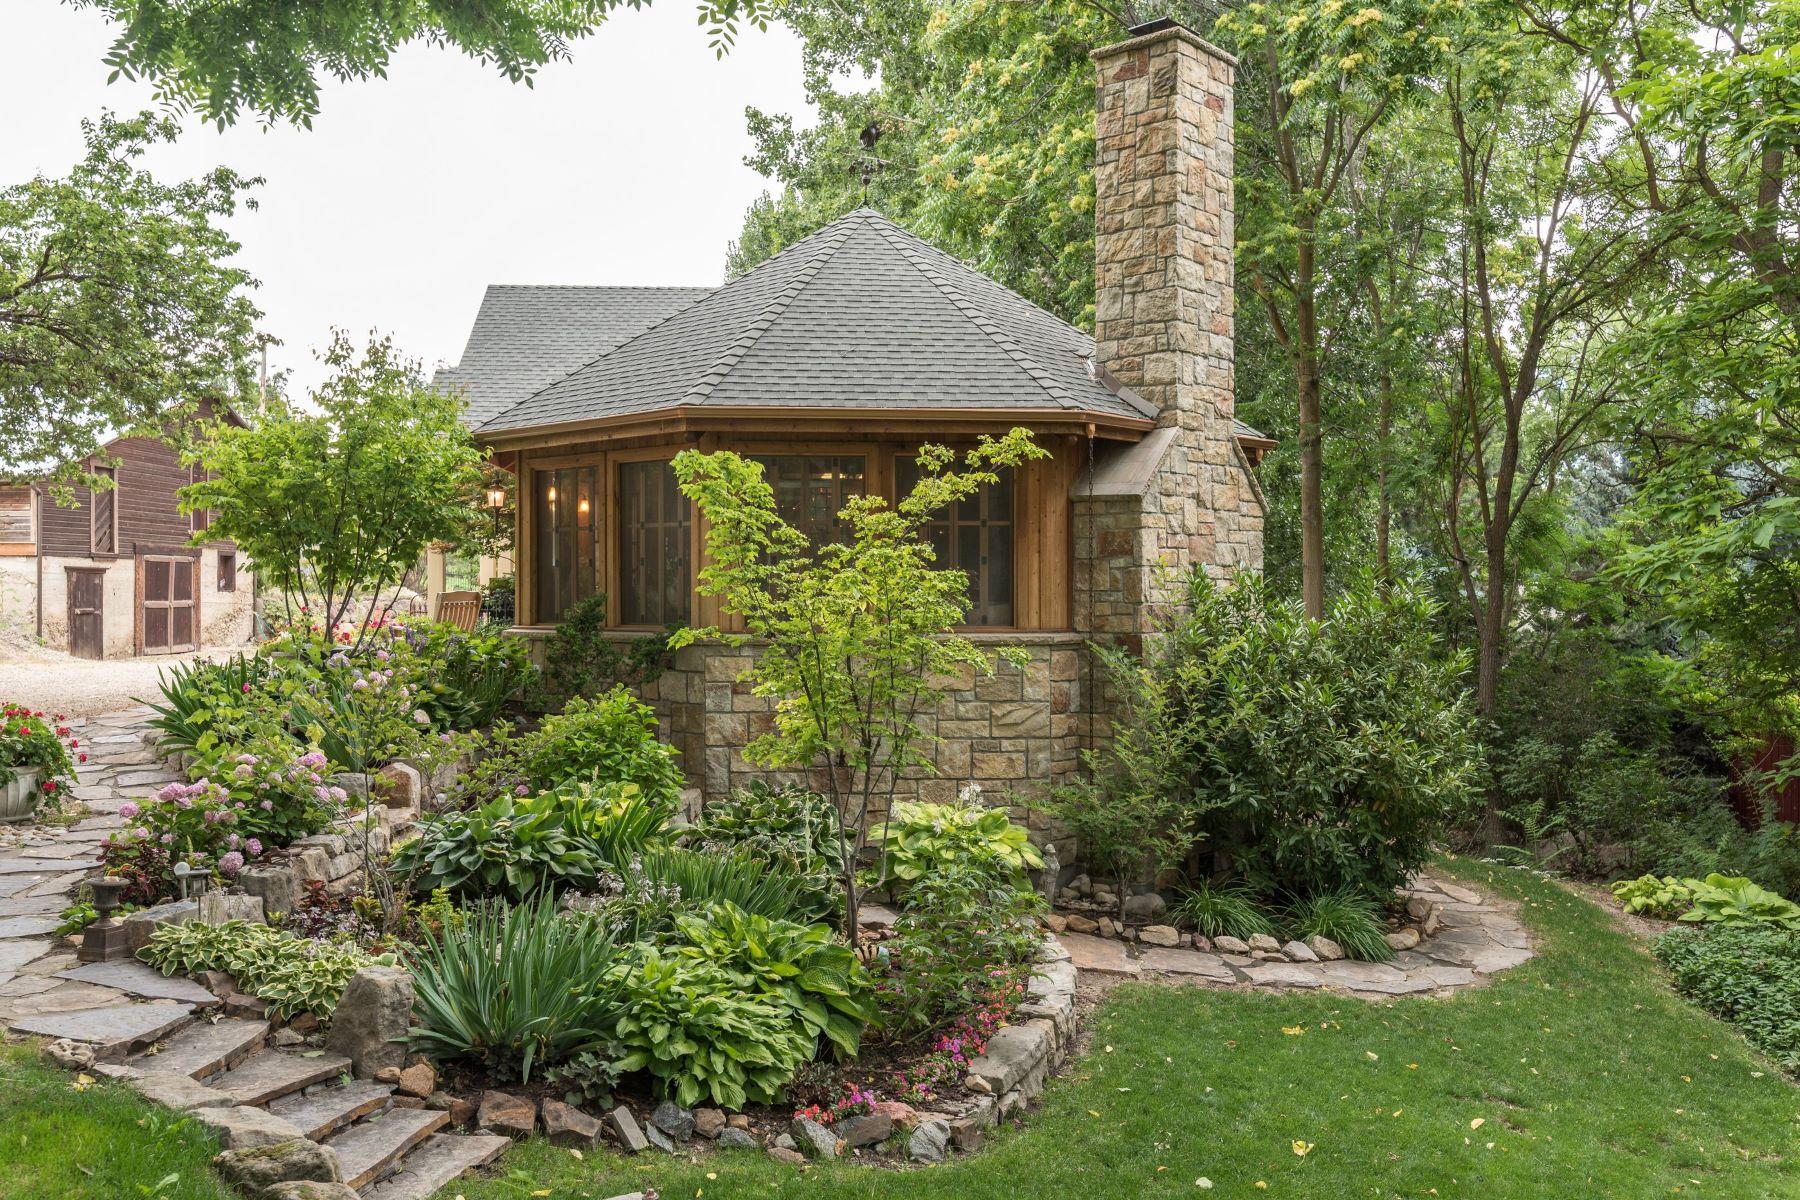 Casa Unifamiliar por un Venta en 4301 Hill Road, Boise 4301 W Hill Rd Boise, Idaho, 83703 Estados Unidos